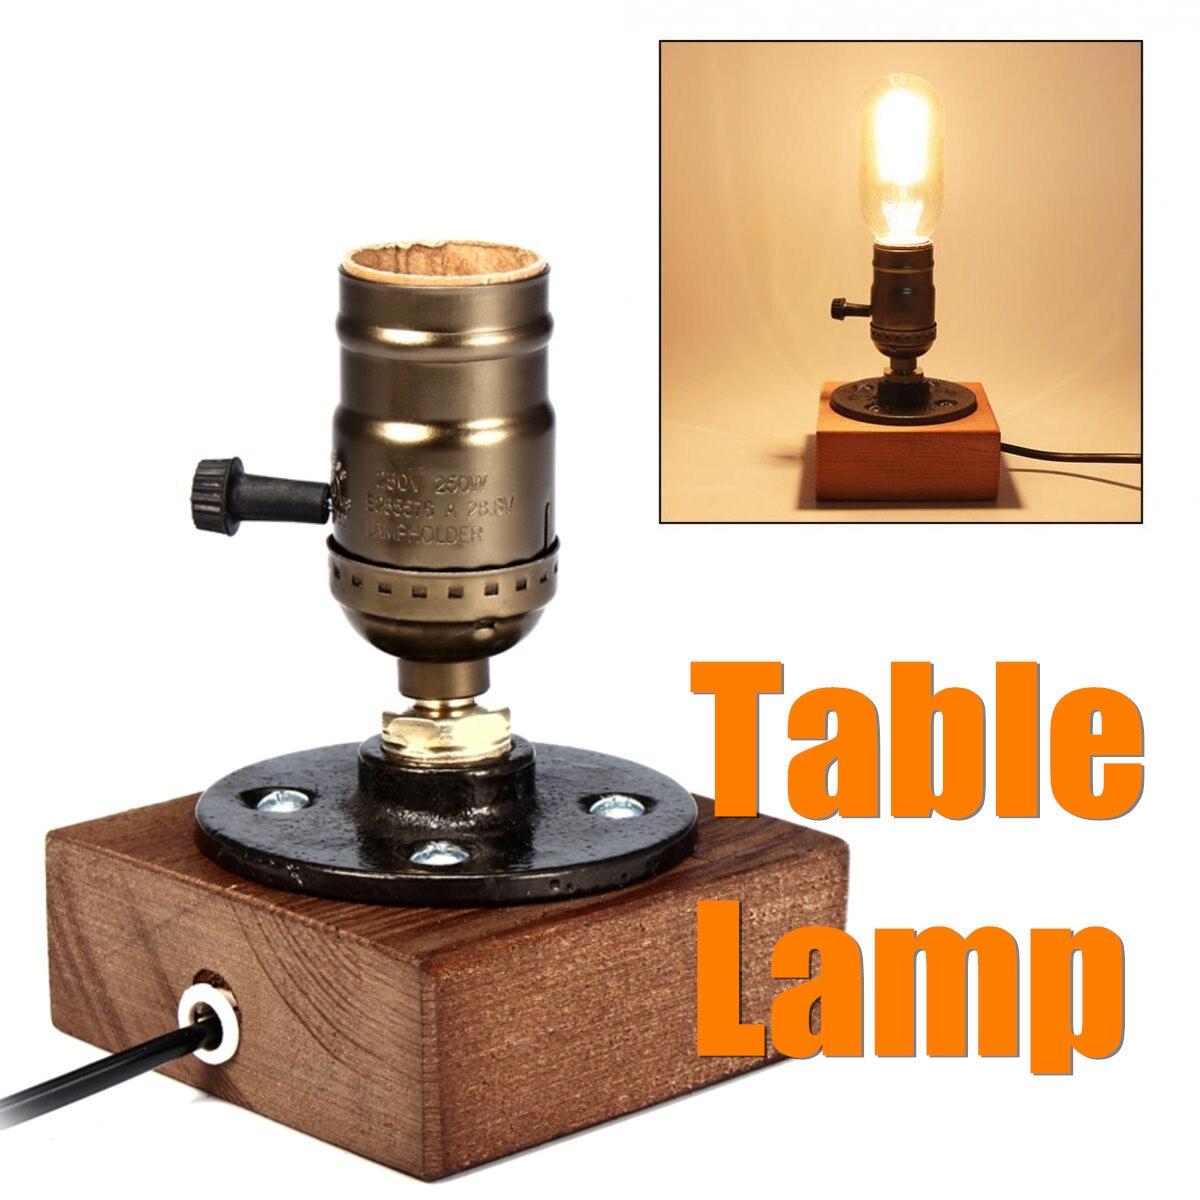 Drewniany elektryczny retro classic biurko lampka nocna lampka nocna lampa stołowa badania Bar oświetlenie do kawiarni oświetlenie wewnętrzne materiały E27